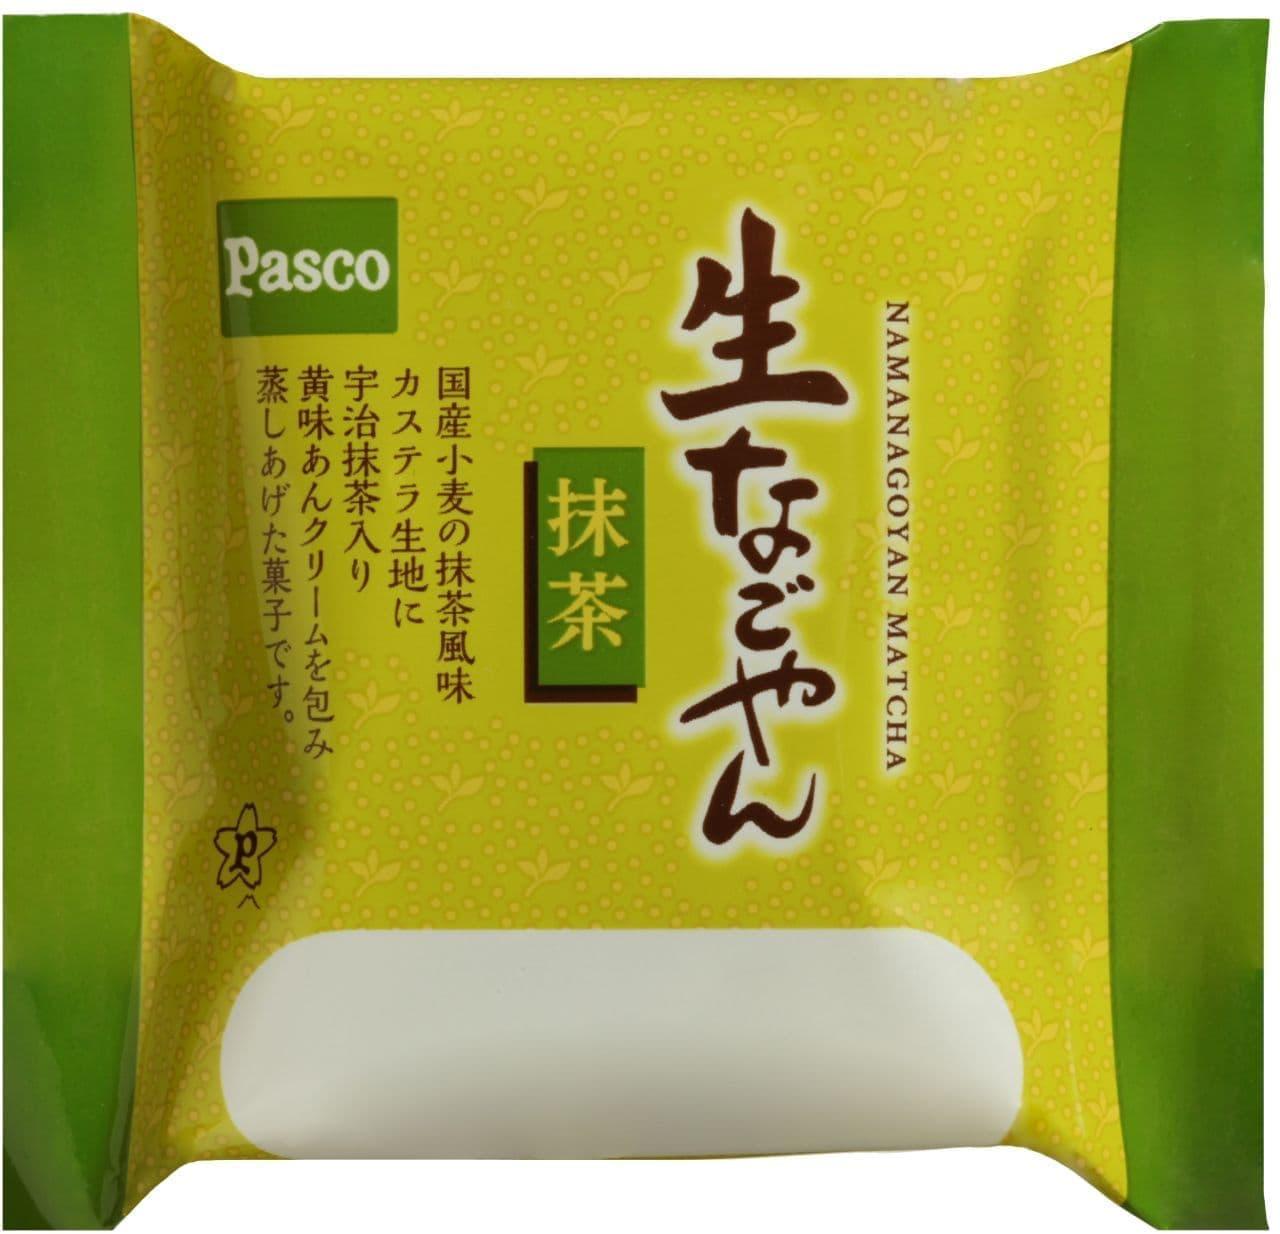 パスコ「生なごやん 抹茶」